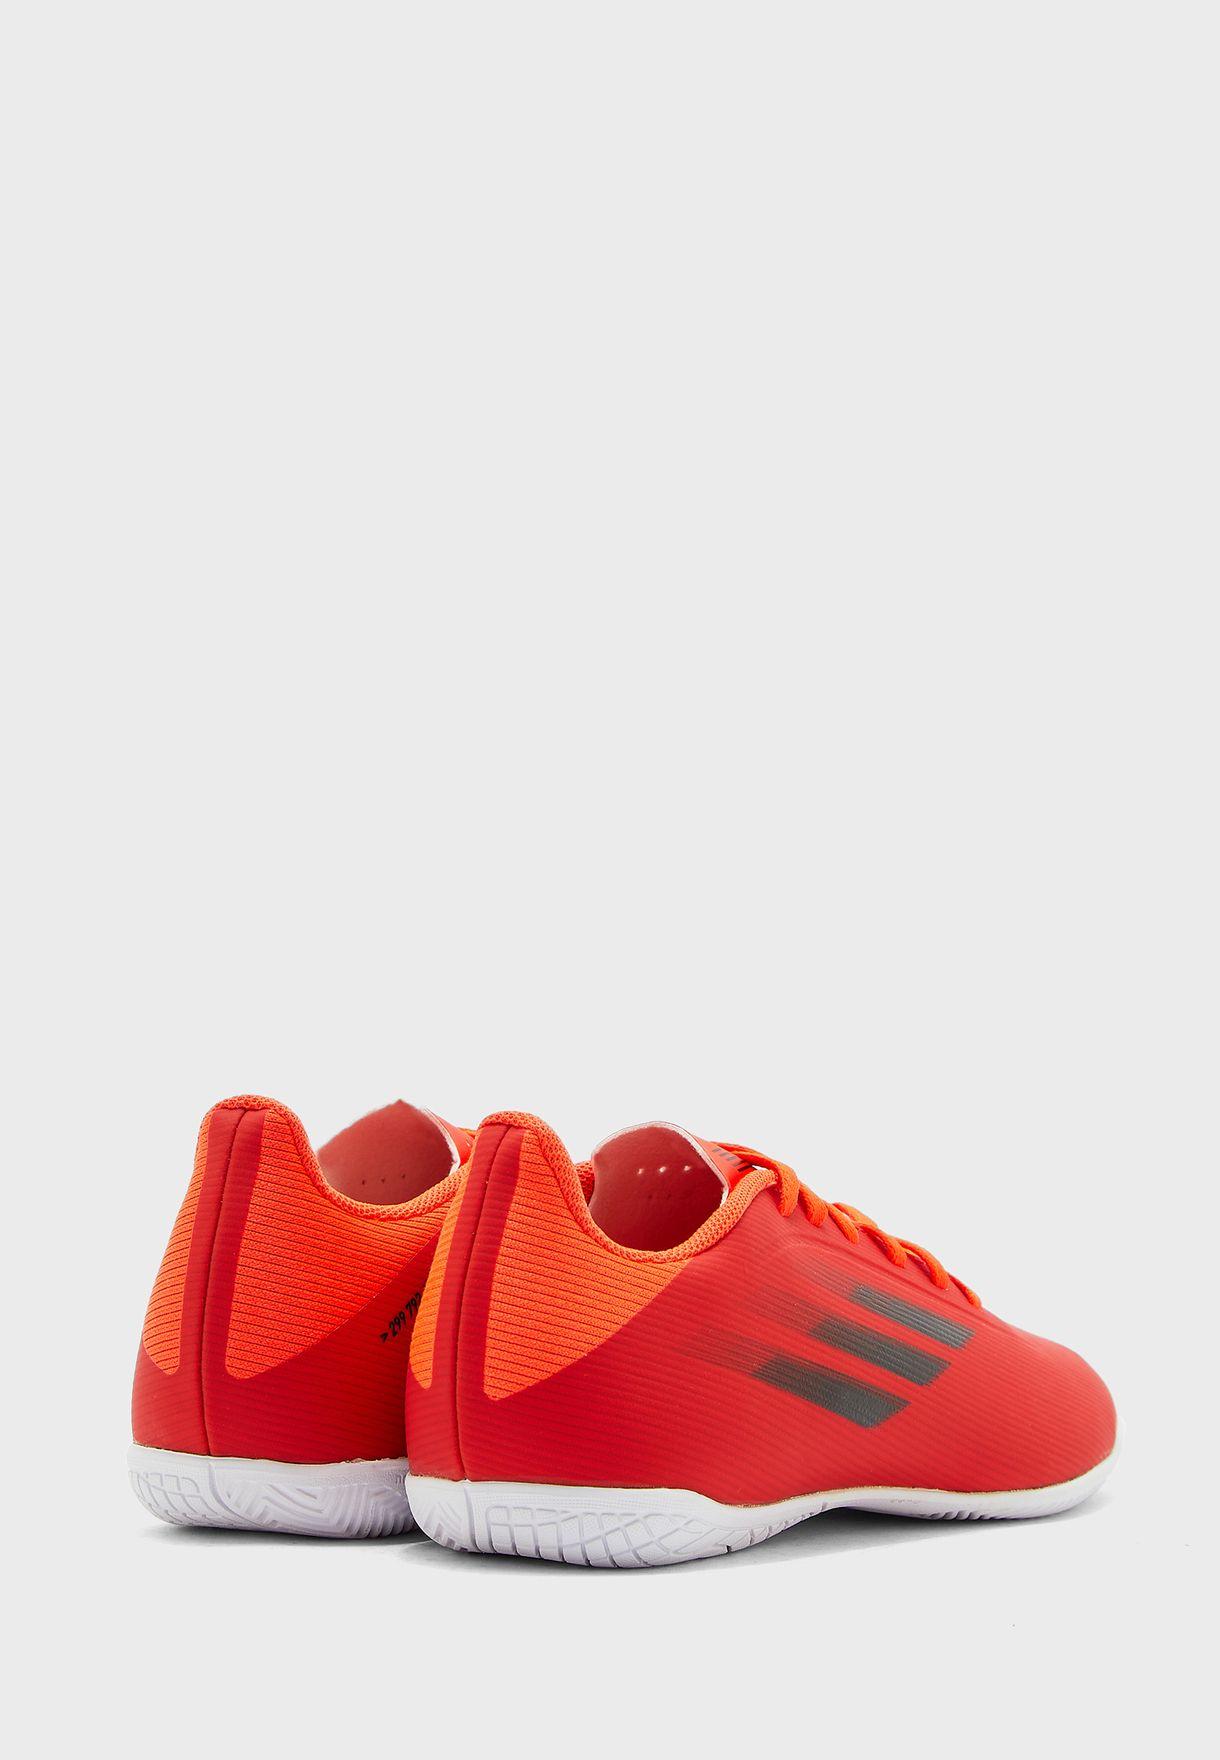 حذاء اكس سبيدفلو .4 ان